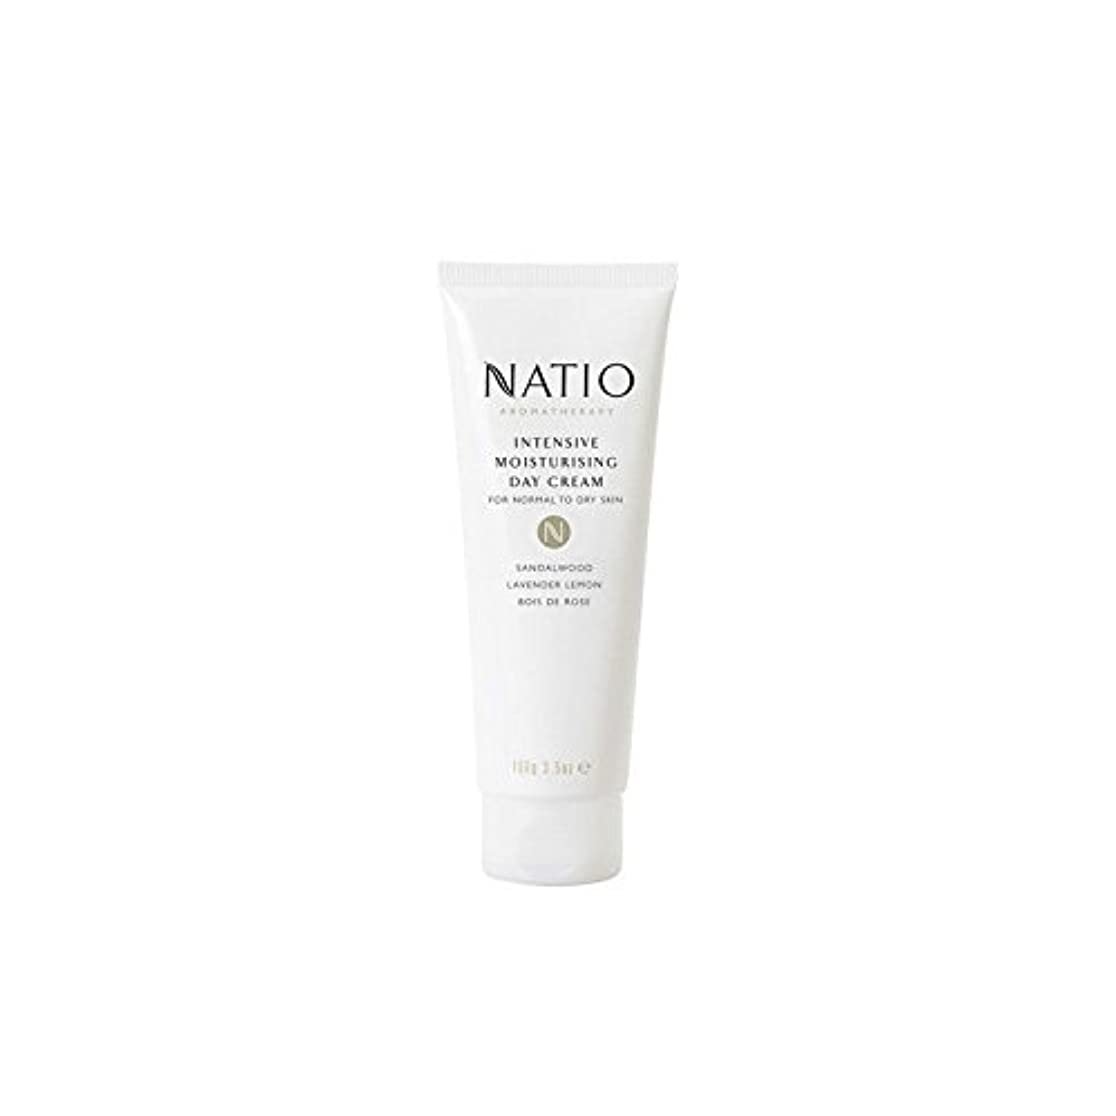 市場造船乳白集中的な保湿デイクリーム(100グラム) x2 - Natio Intensive Moisturising Day Cream (100G) (Pack of 2) [並行輸入品]